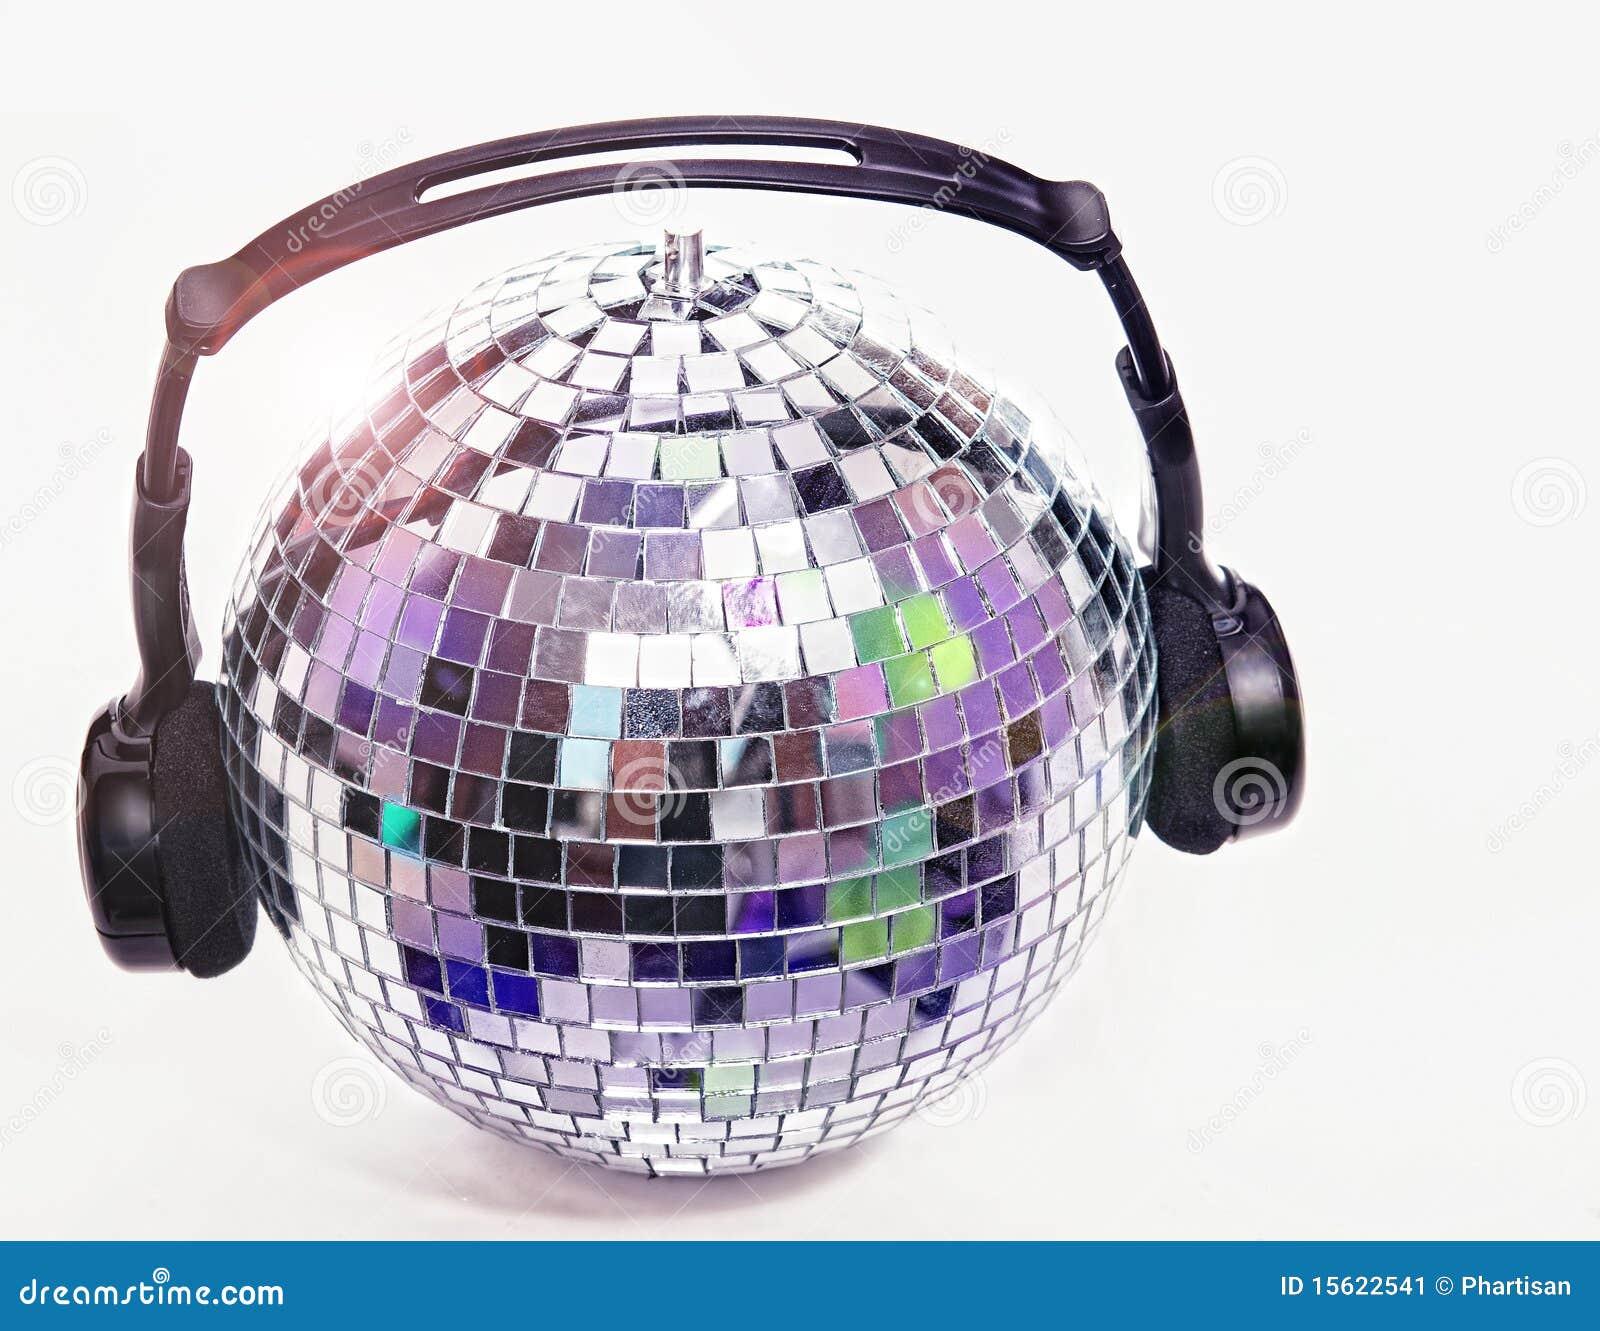 disco ball background white - photo #17